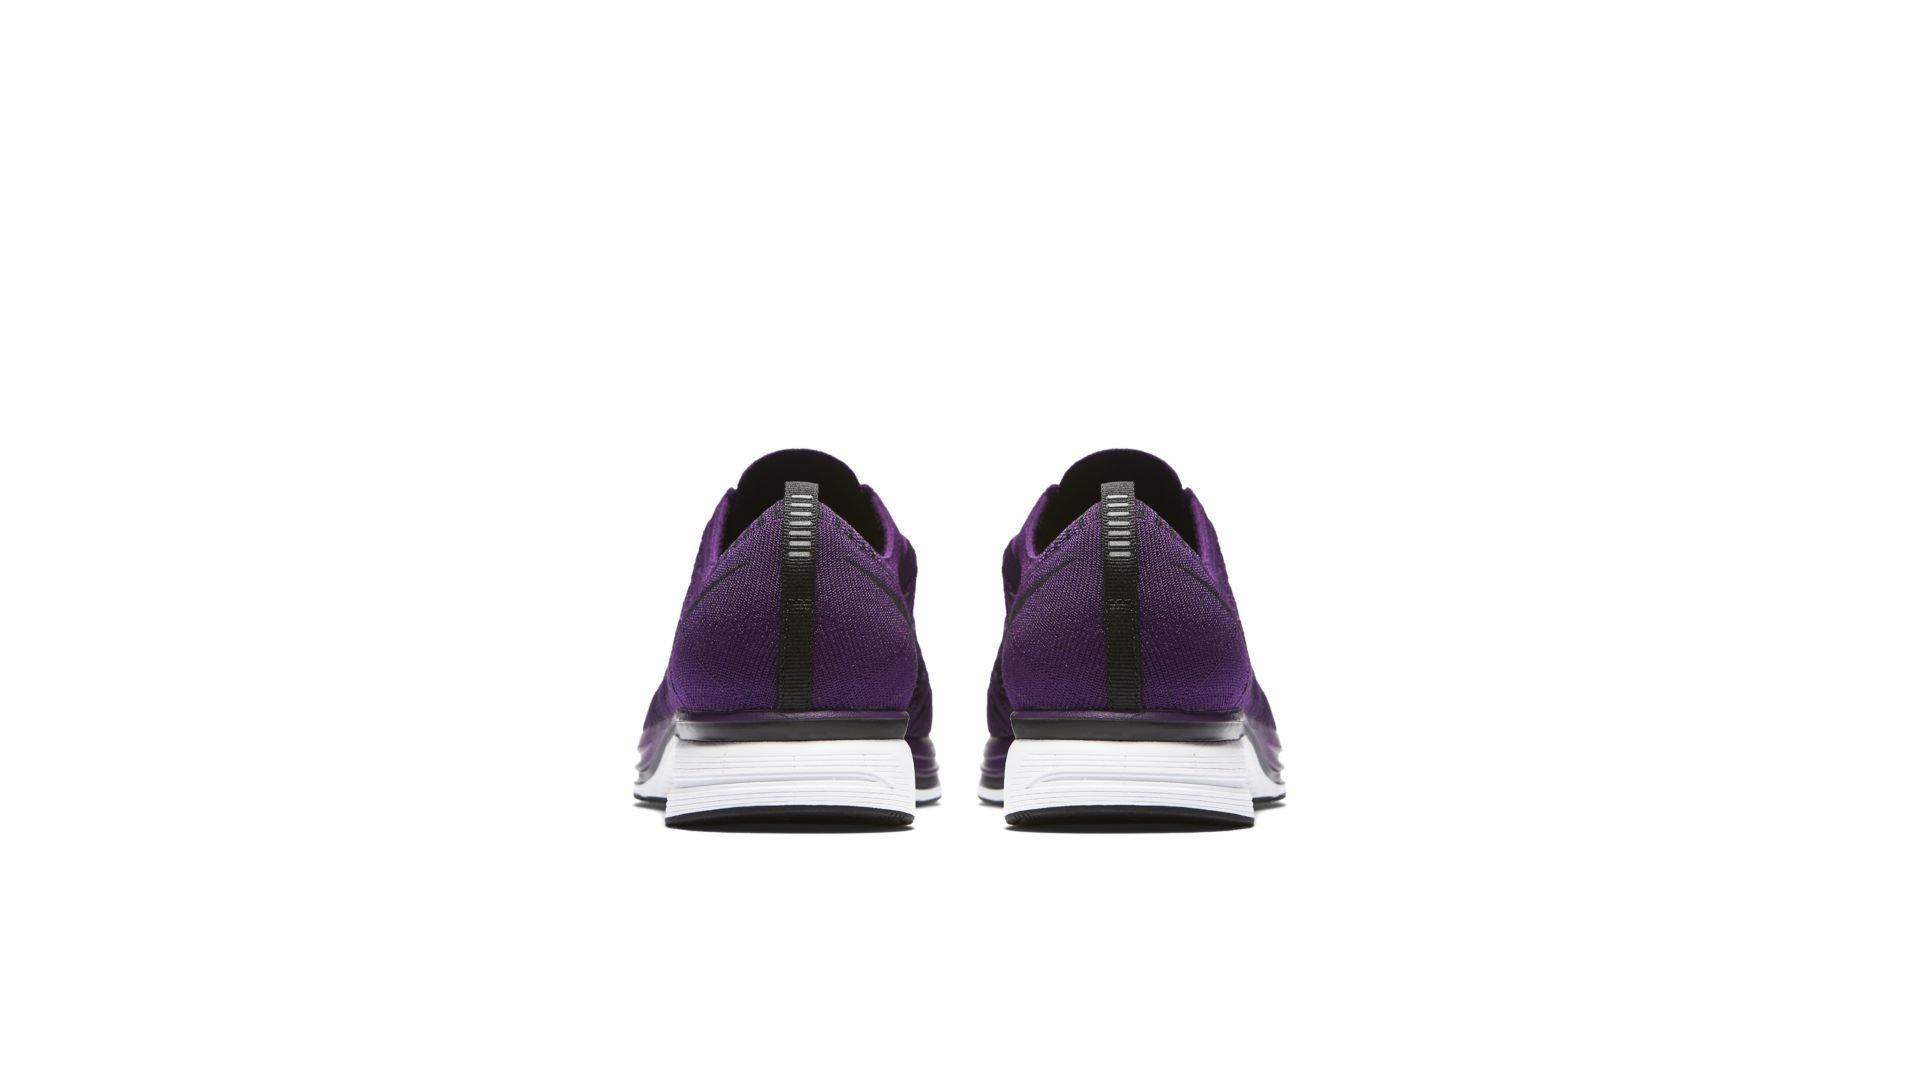 Nike Flyknit Trainer Night Purple (AH8396-500)